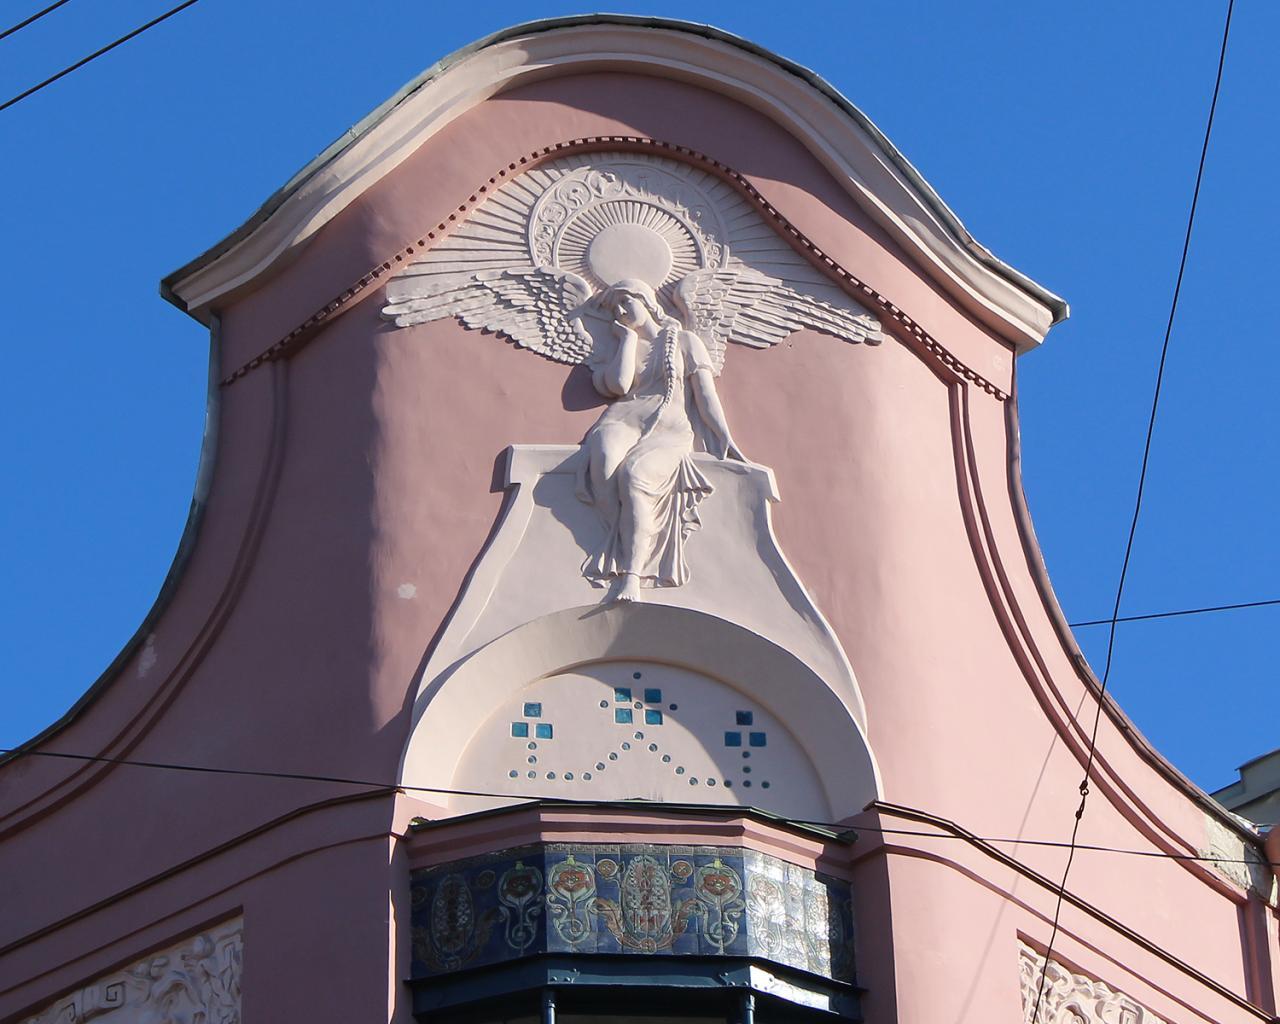 Доходный дом П. Т. Бадаева. Печальный ангел. Фото: Наталия, 04.2014 г. (citywalls.ru)